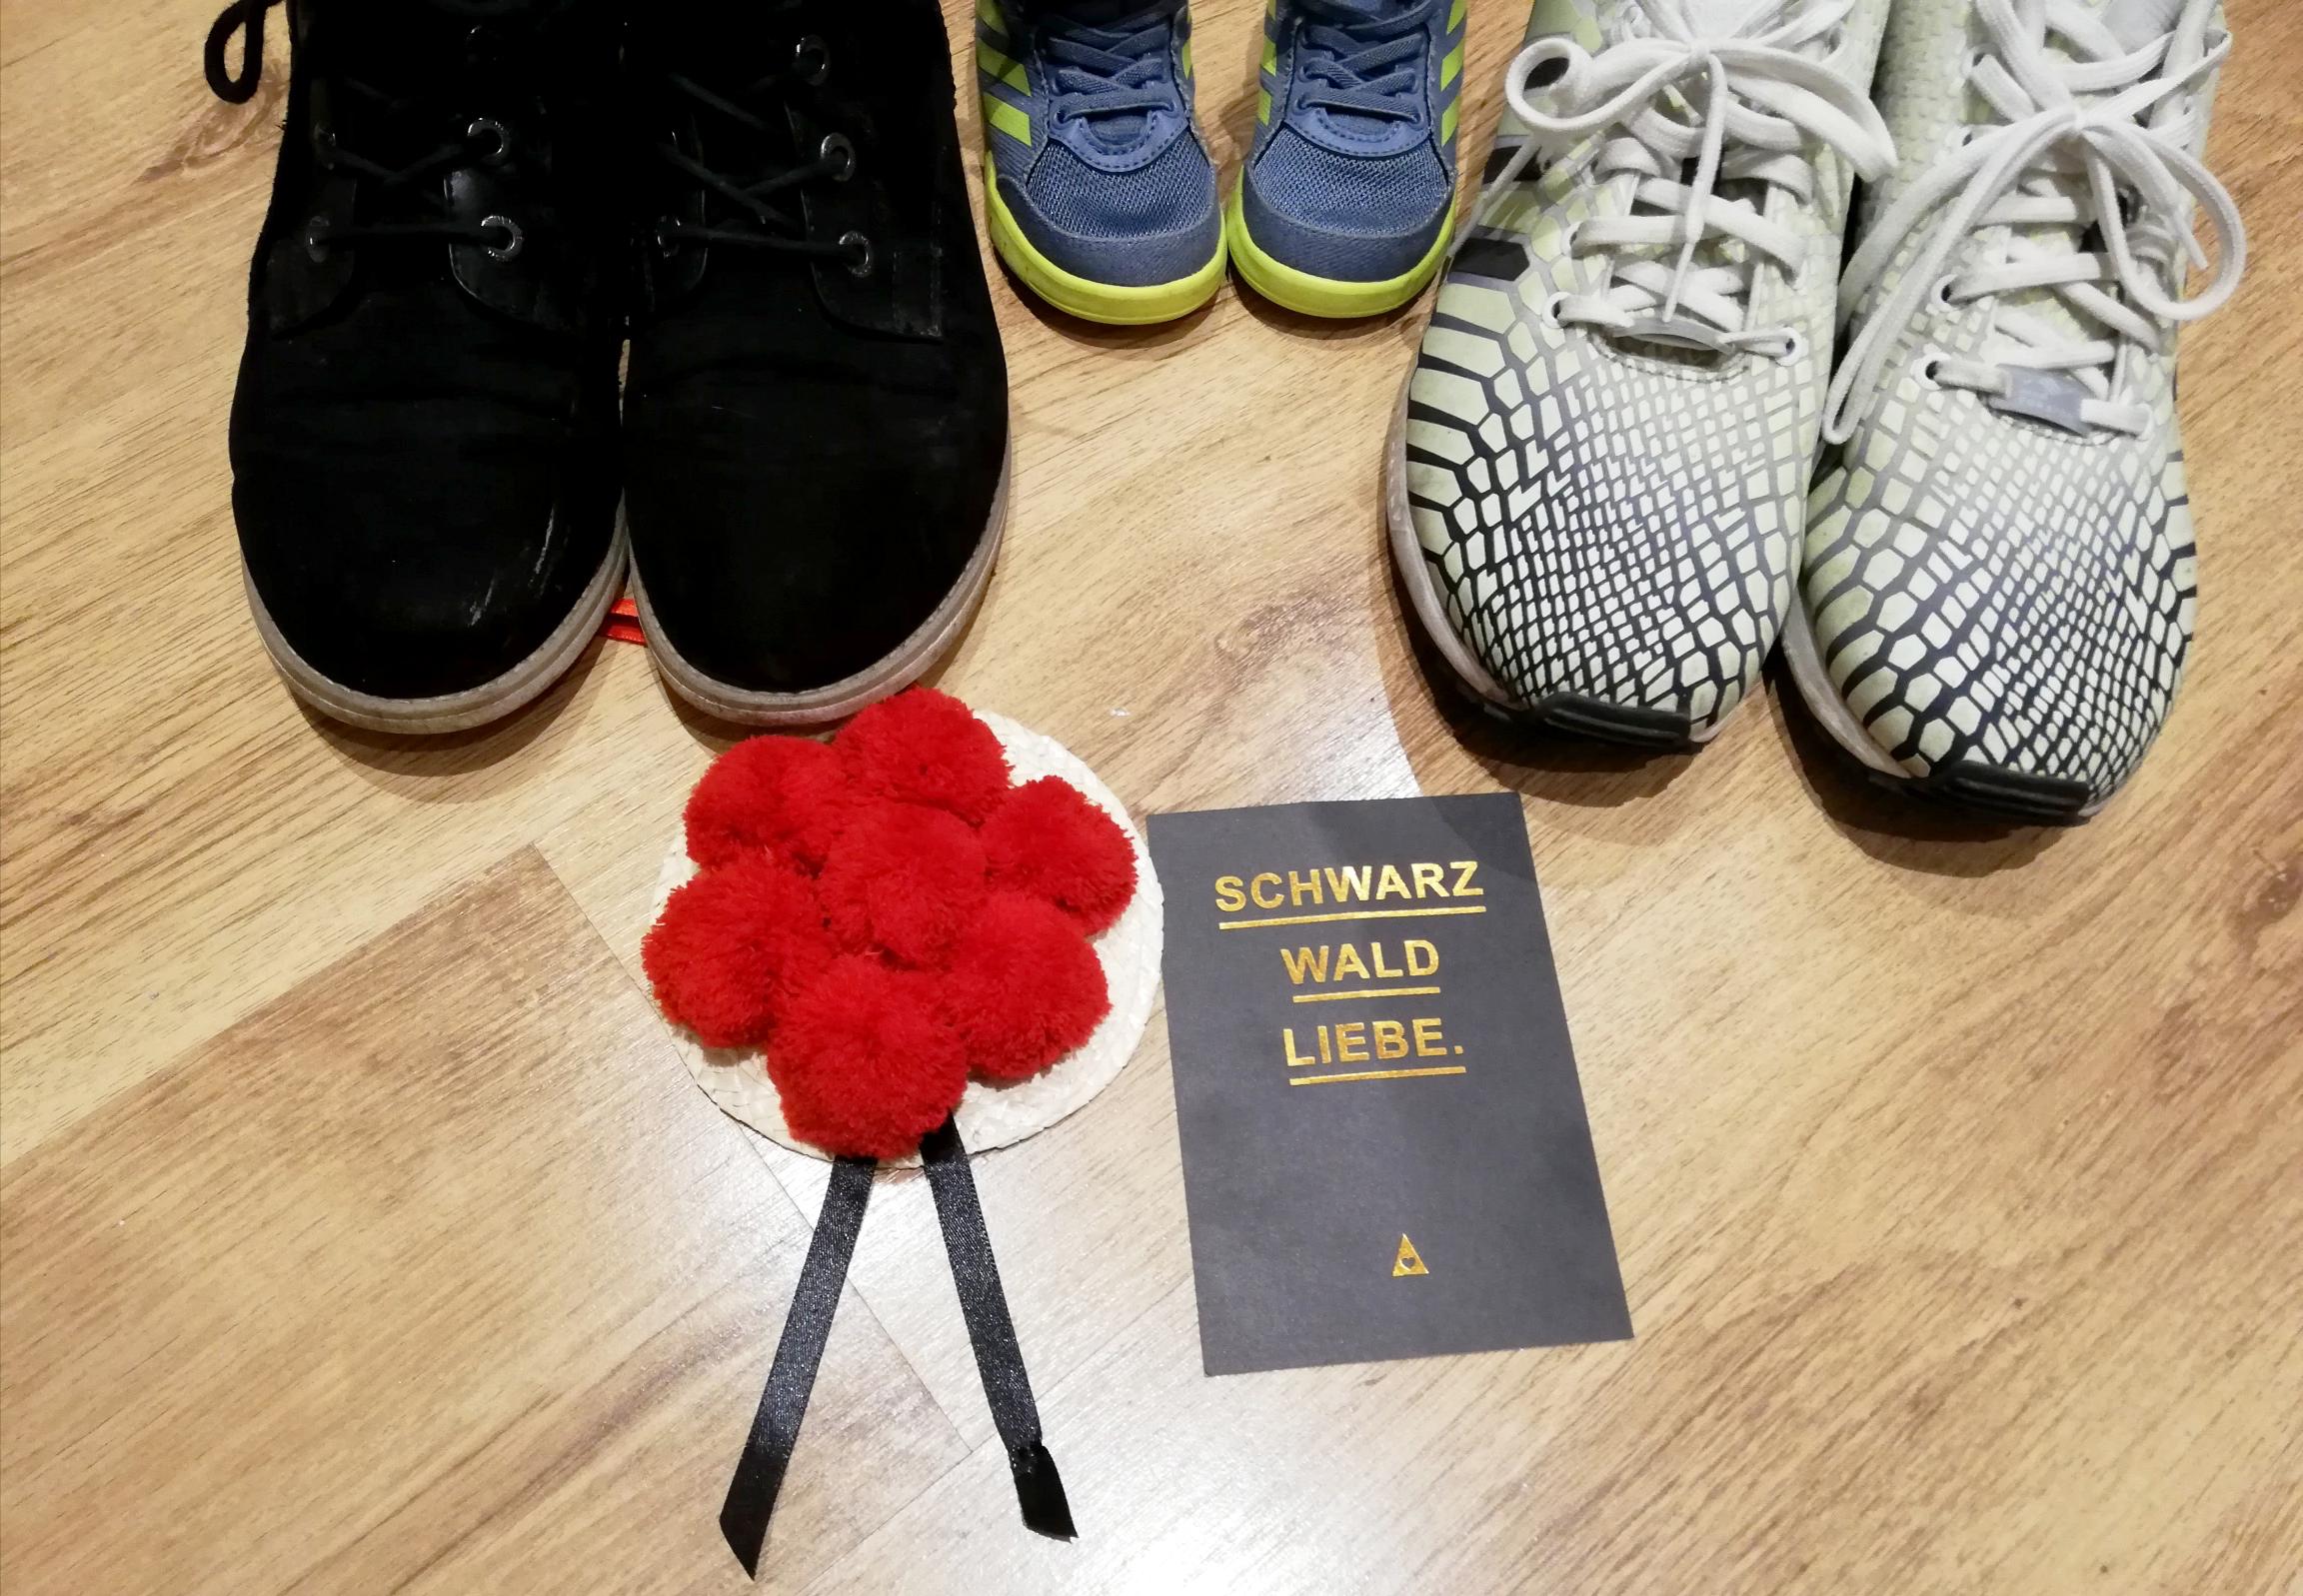 Blick von oben auf 3 Paar Schuhe, darunter ei Paar Kinderschuhe, ein kleiner Schwarzwald hut und einer Postkarte auf der Schwarzwaldliebe steht